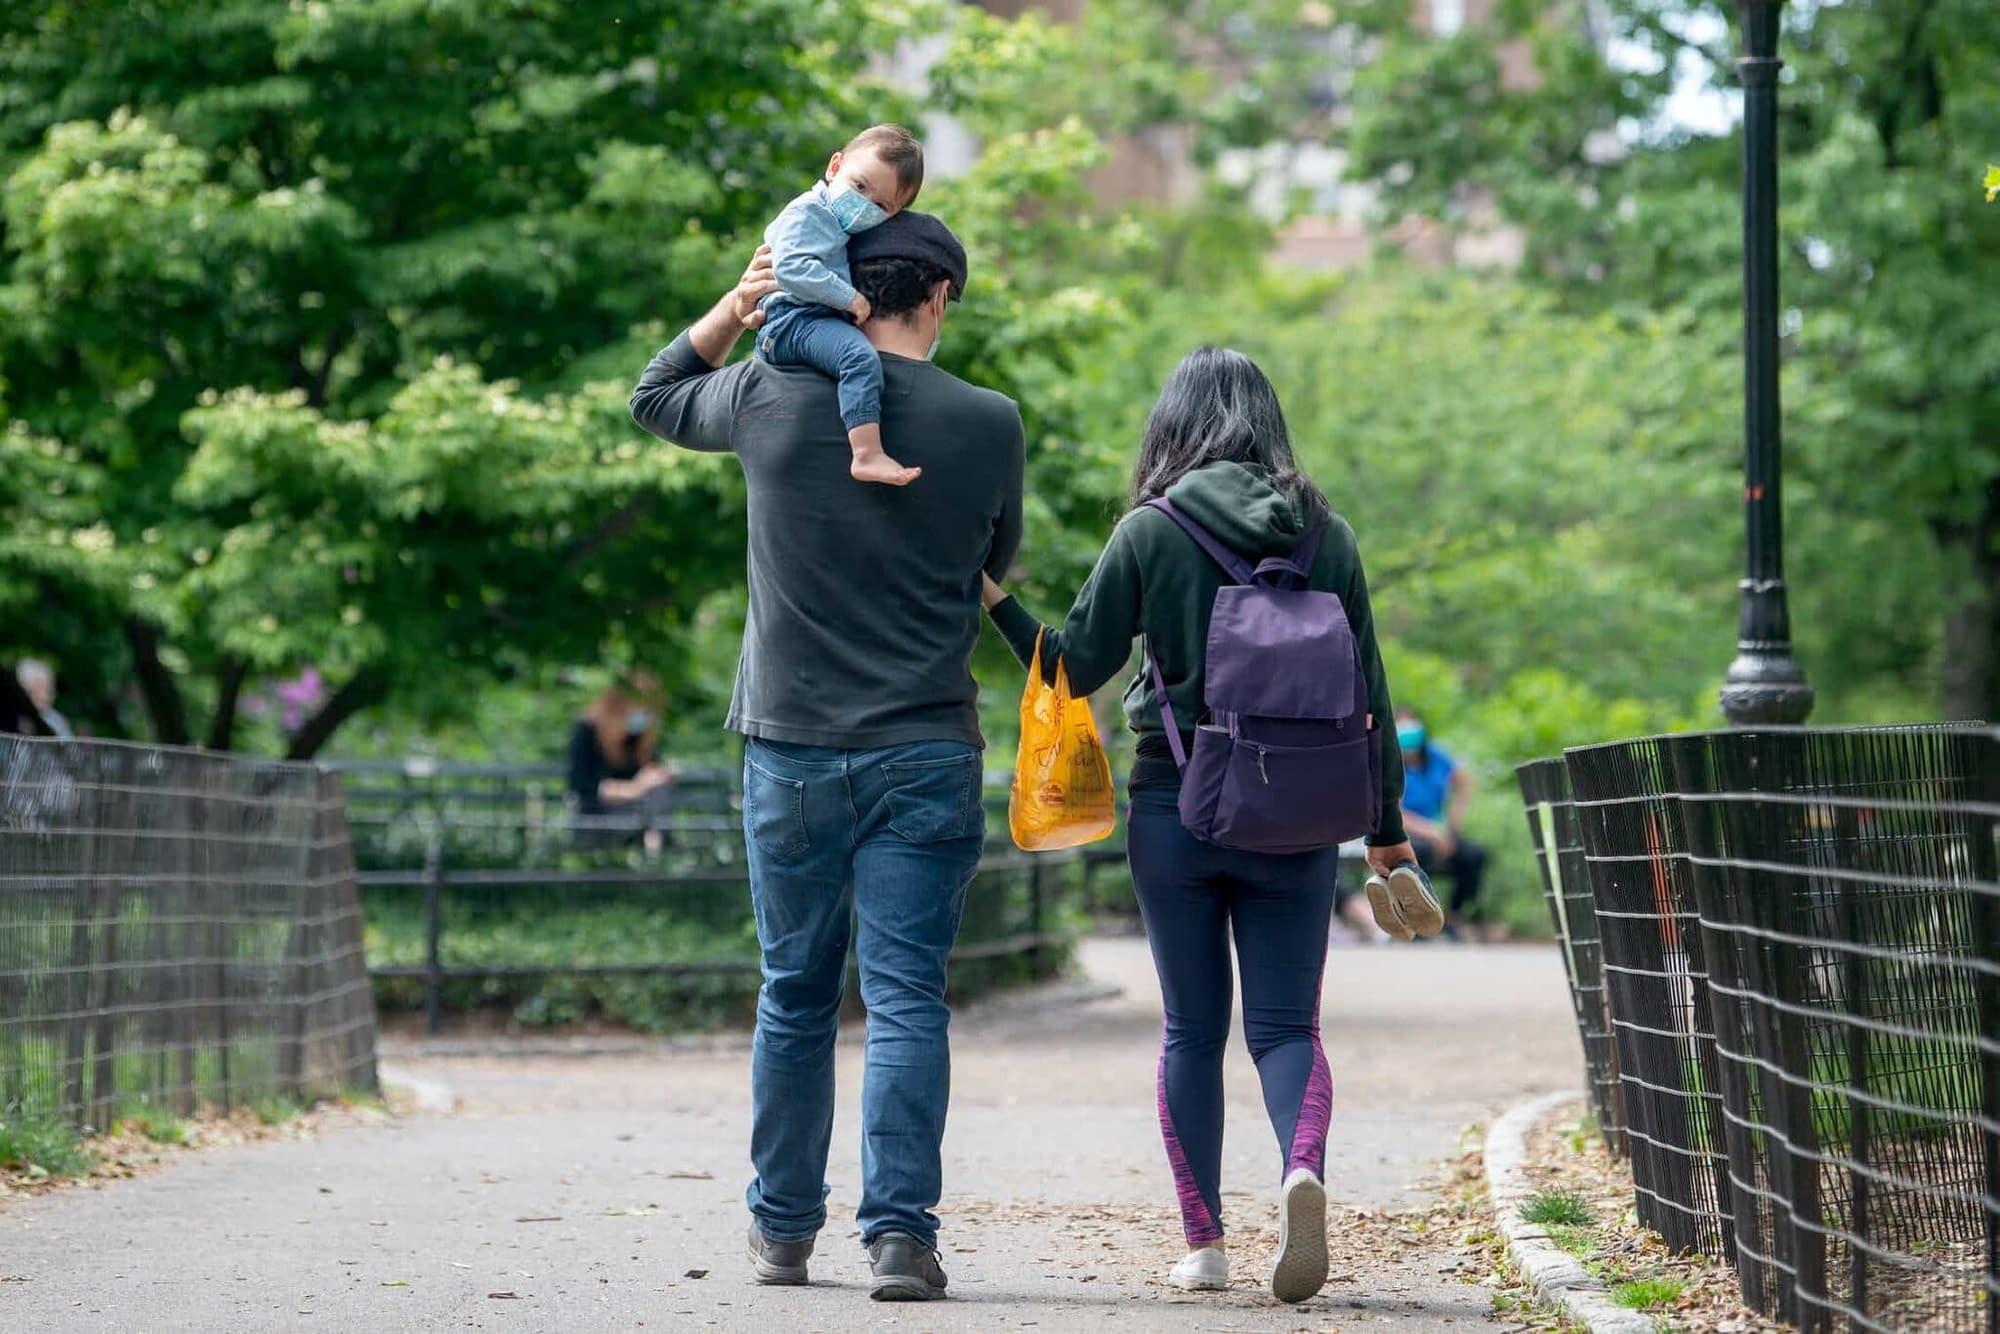 為什麼加拿大父親比美國父親更多地參與撫養孩子